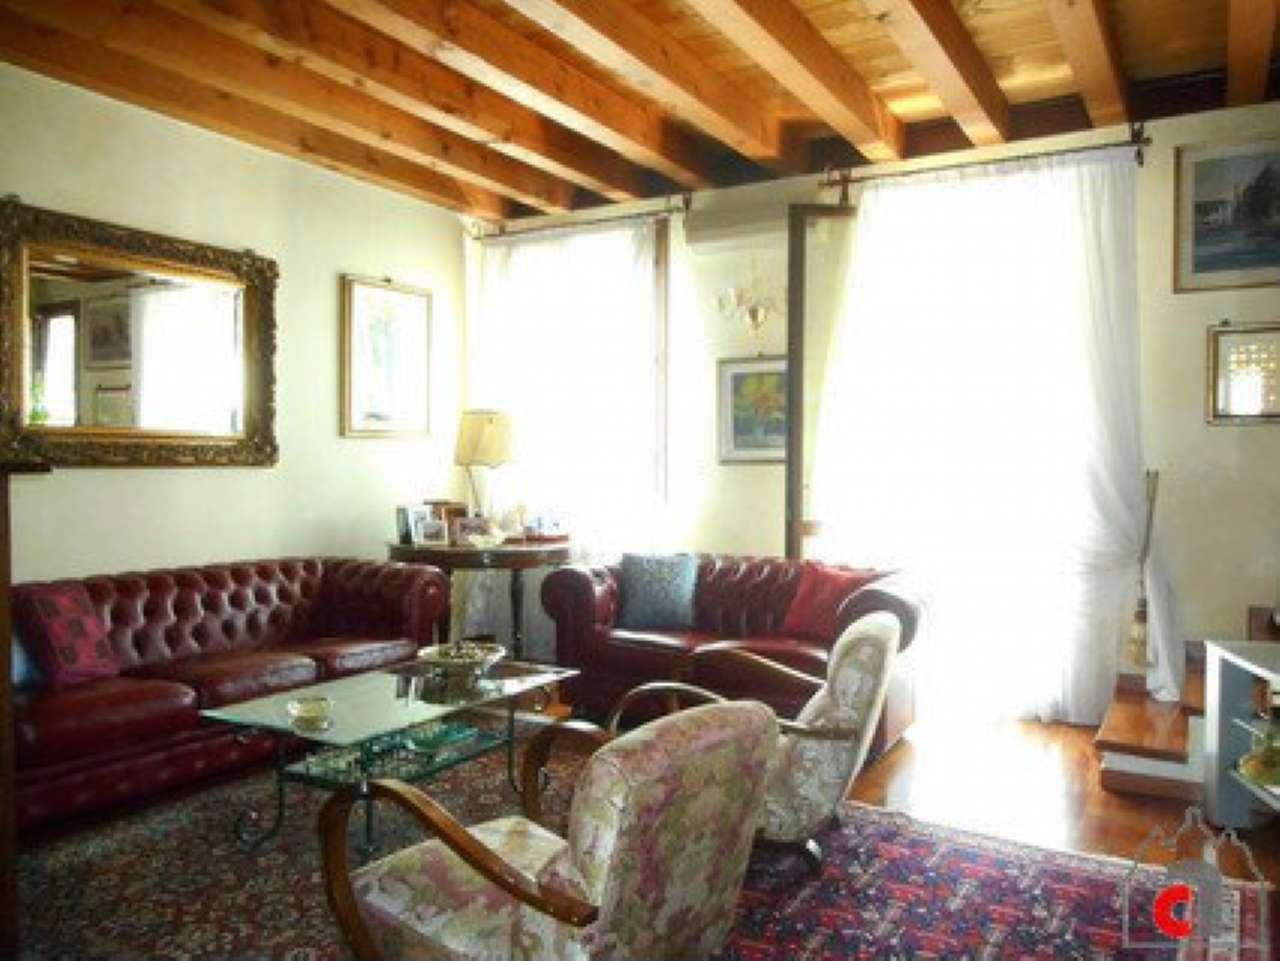 Appartamento in vendita a Padova, 5 locali, zona Zona: 5 . Sud-Ovest (Armistizio-Savonarola), prezzo € 330.000 | CambioCasa.it